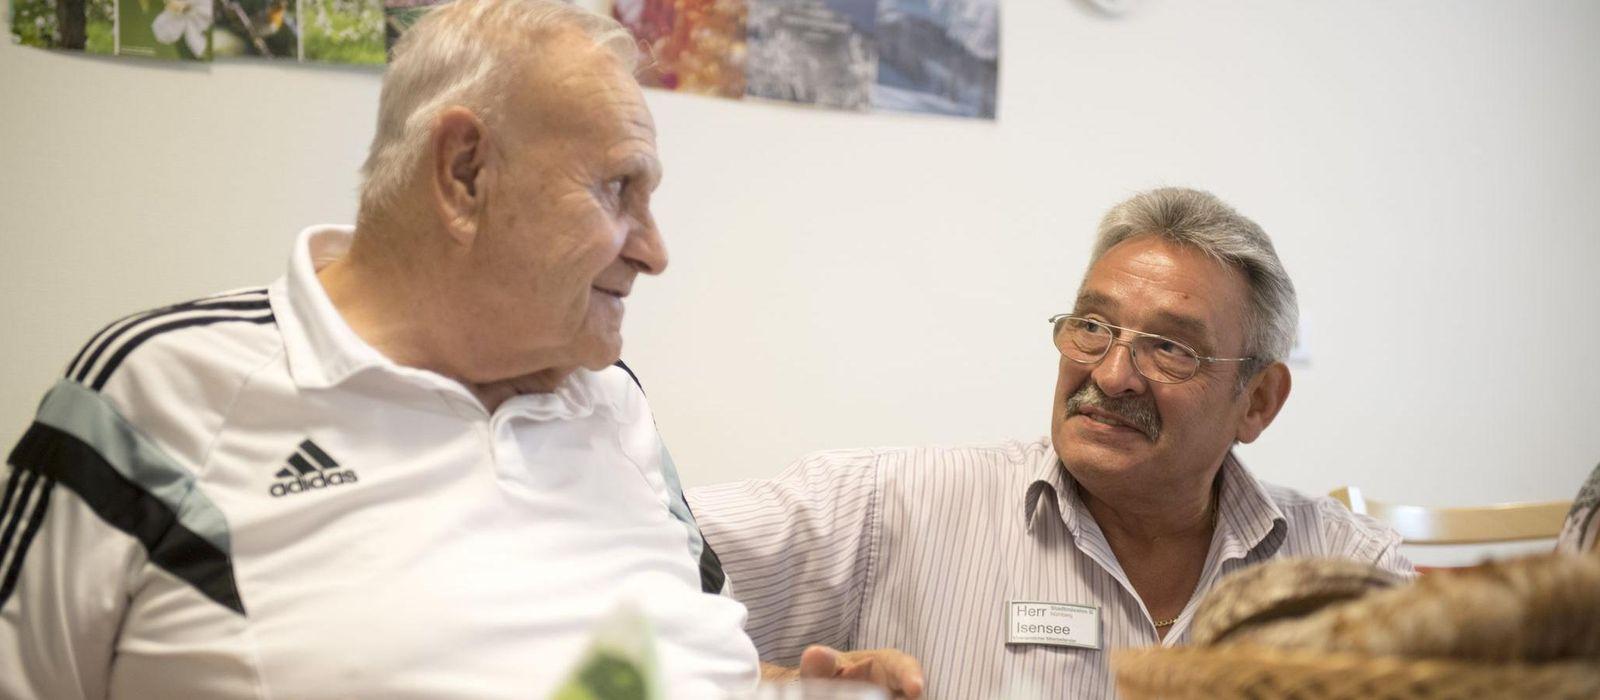 Ein Bewohner eines Seniorenheimes und ein ehrenamtlicher Mitarbeitender sitzen gemeinsam am Tisch.